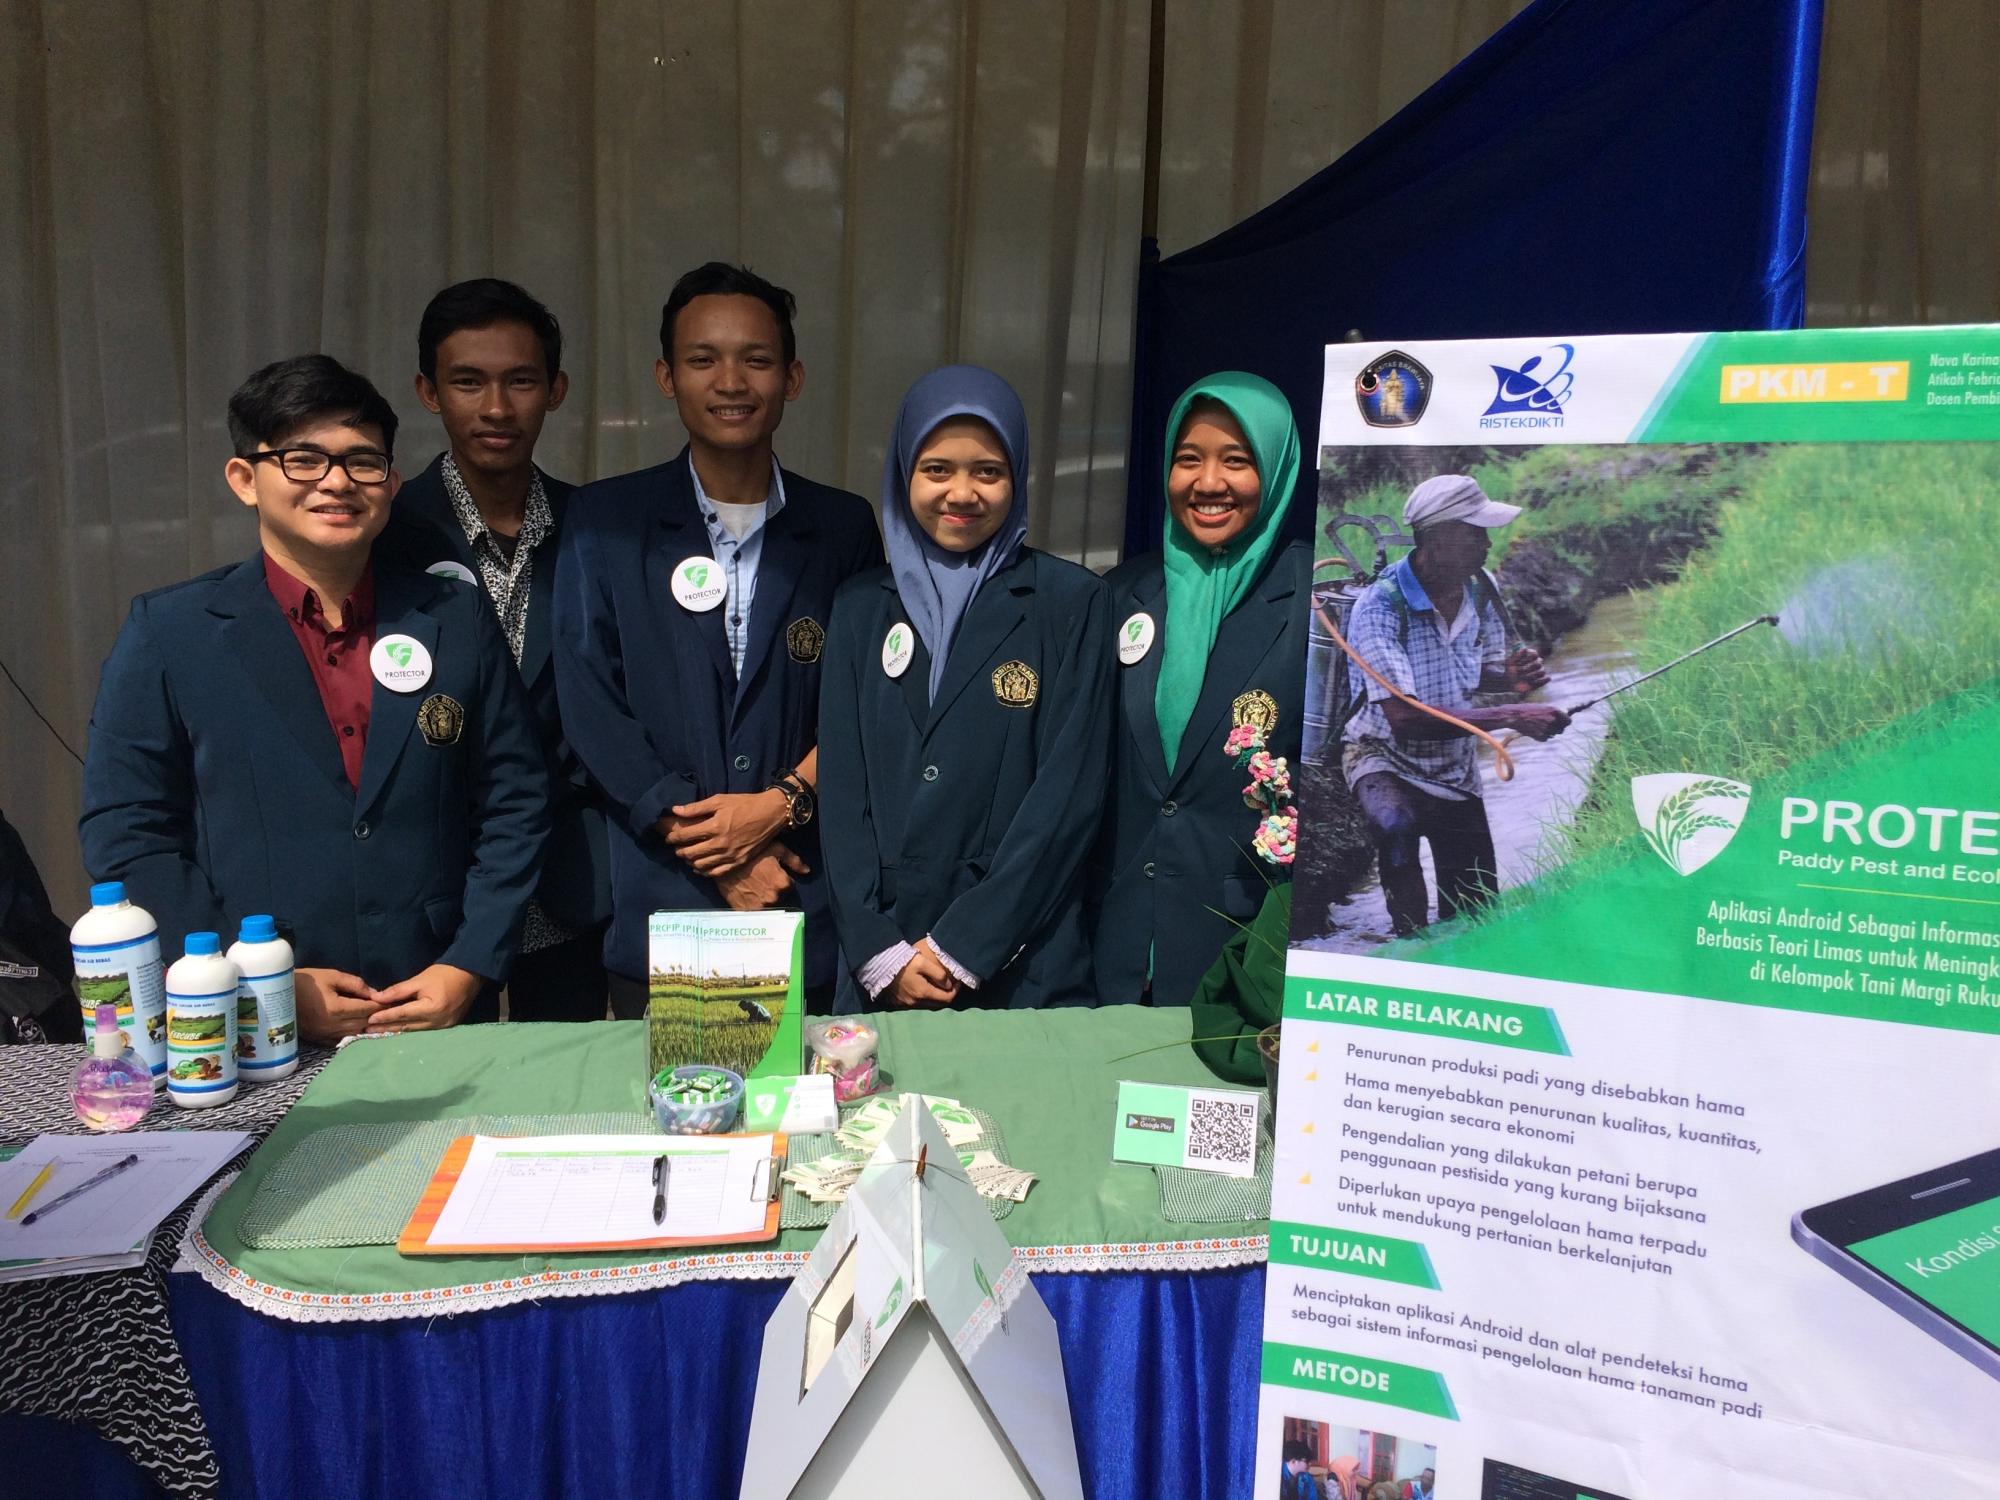 Protector Tech, Inovasi Teknologi untuk Membantu Petani dalam Pengelolaan Hama Terpadu